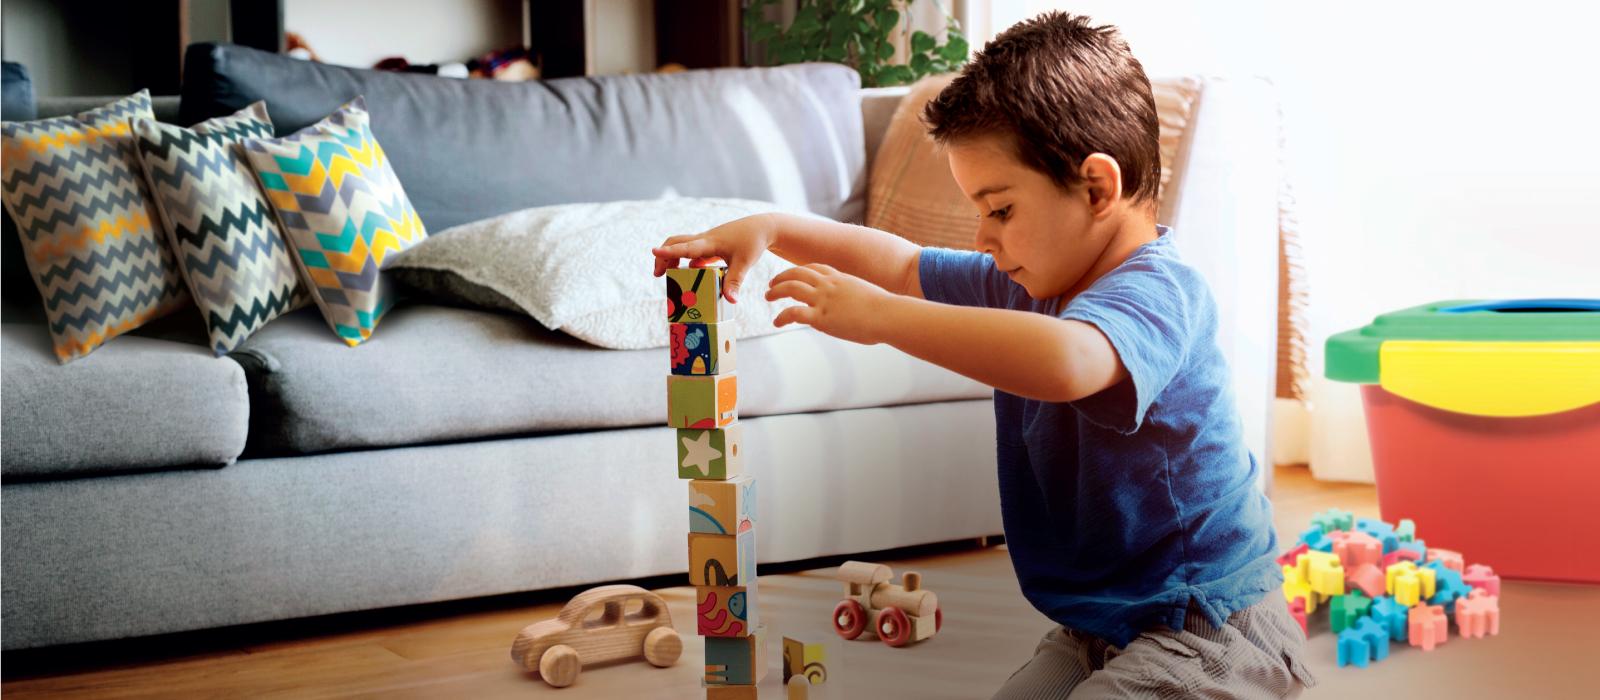 JAA-Toys-1600x700-1